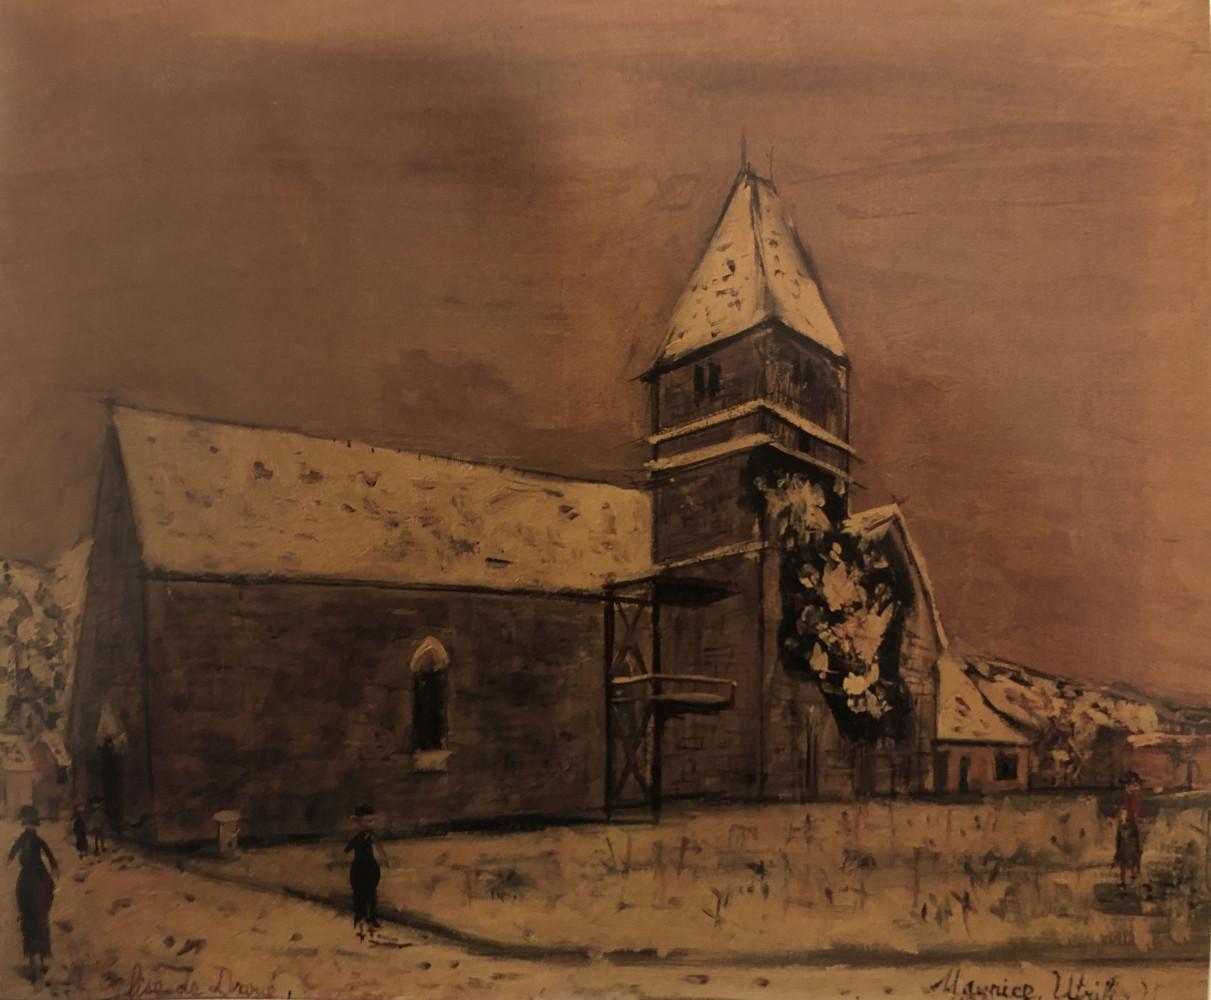 L'Eglise de Droué by Maurice (Valadon) Utrillo